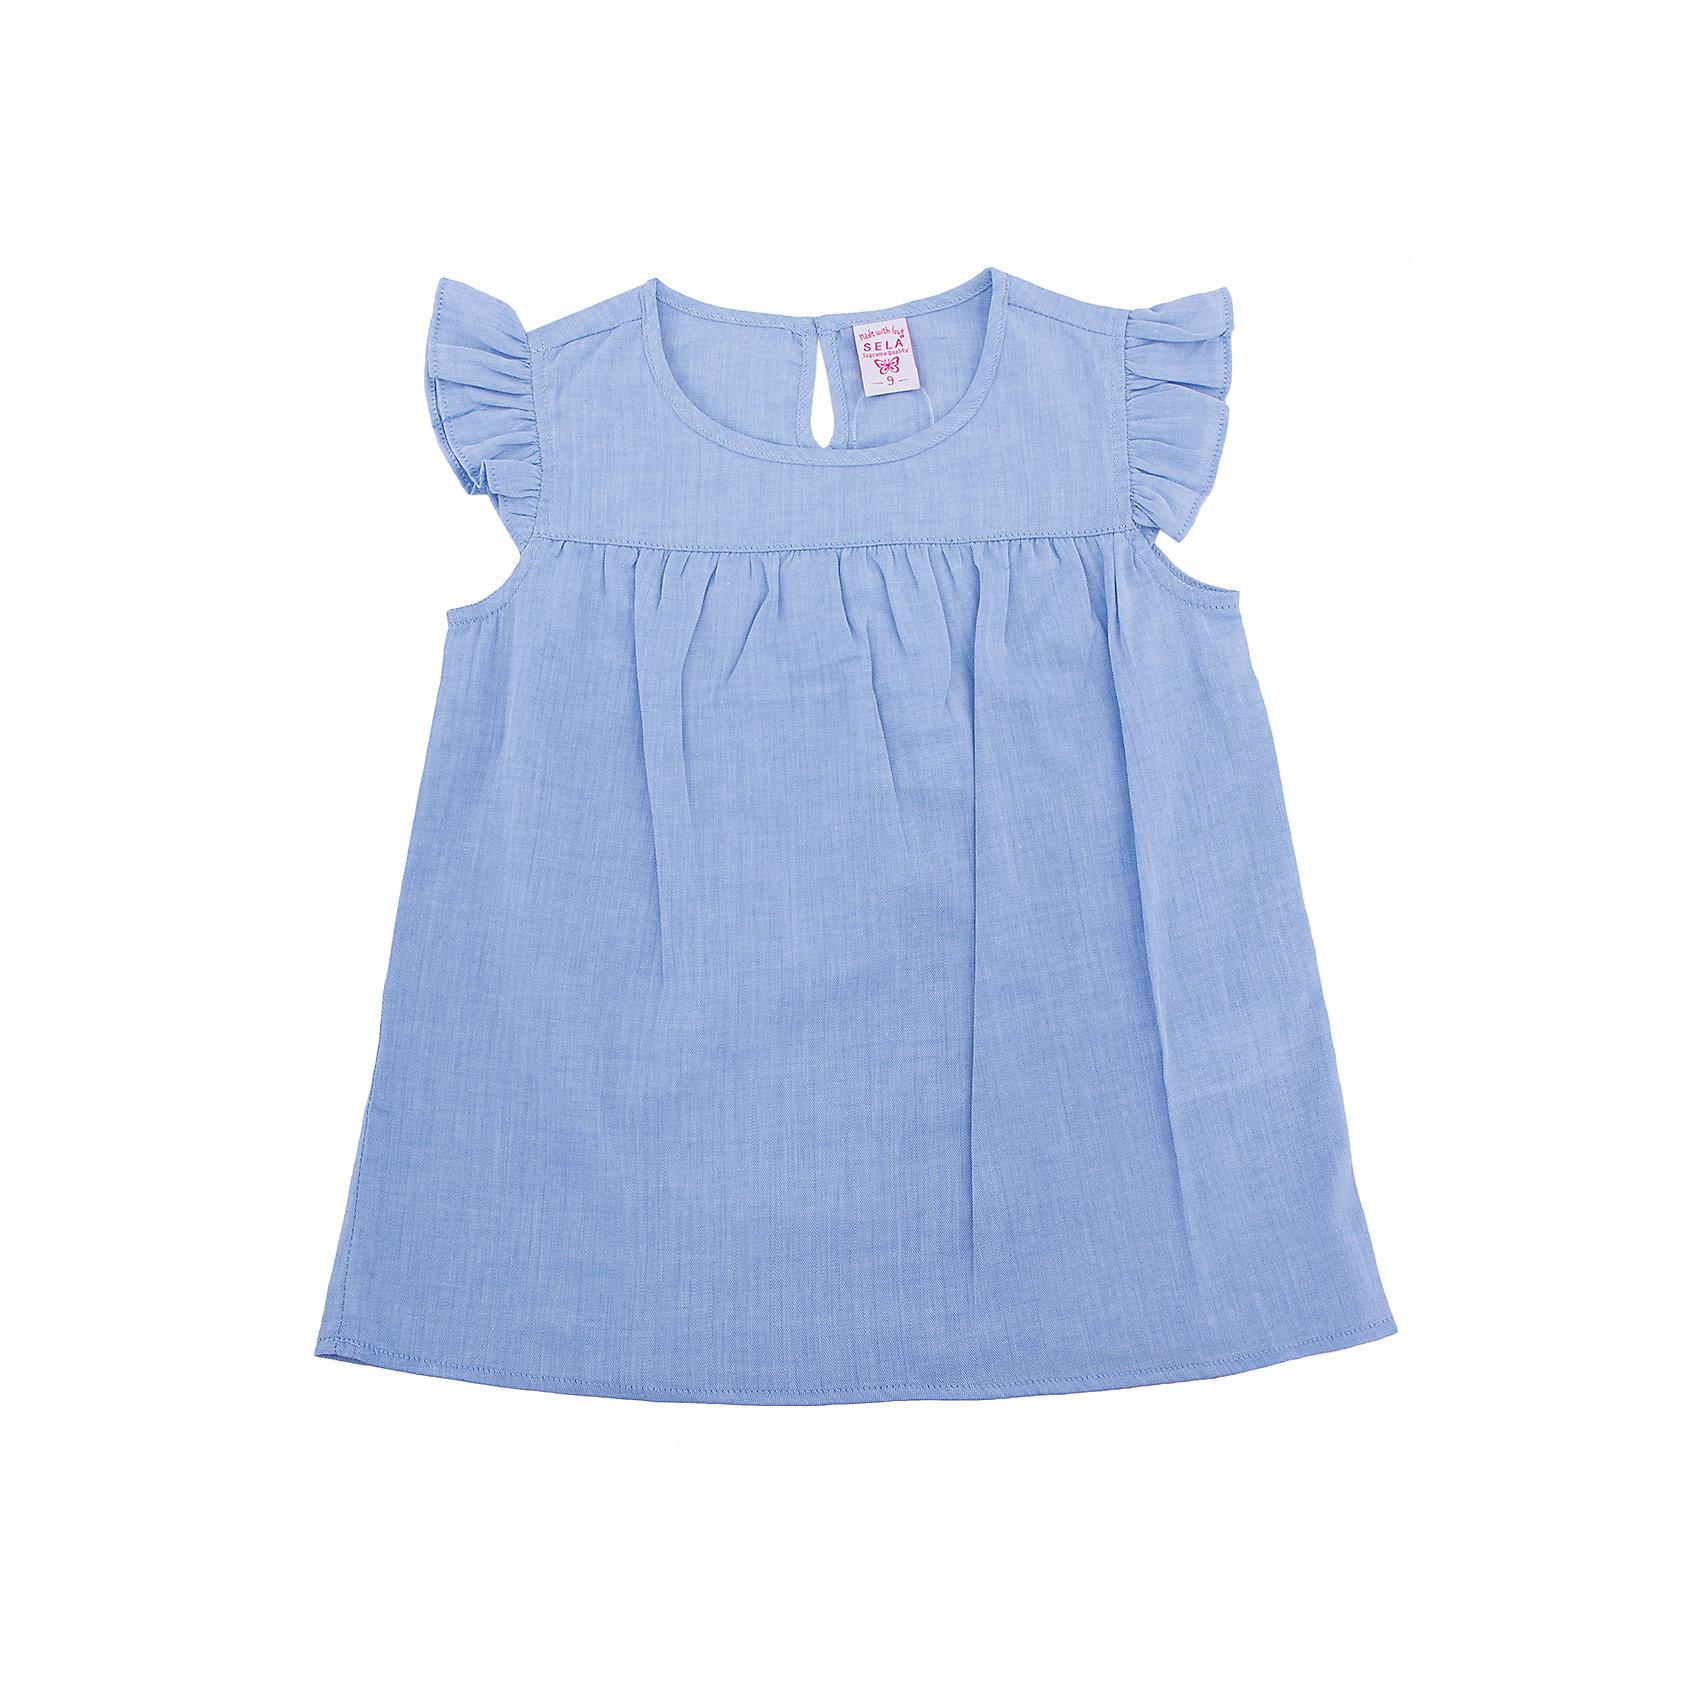 Блузка для девочки SELAБлузки и рубашки<br>Характеристики товара:<br><br>• цвет: голубой<br>• сезон: лето<br>• состав: 100% хлопок<br>• застежка-пуговица<br>• комфортная посадка<br>• рукава-крылышки<br>• легкий материал<br>• страна бренда: Россия<br><br>Вещи из новой коллекции SELA продолжают радовать удобством! Эта блузка для девочки поможет разнообразить гардероб ребенка и обеспечить комфорт. Она отлично сочетается с юбками и брюками. Стильная и удобная вещь!<br><br>Одежда, обувь и аксессуары от российского бренда SELA не зря пользуются большой популярностью у детей и взрослых! Модели этой марки - стильные и удобные, цена при этом неизменно остается доступной. Для их производства используются только безопасные, качественные материалы и фурнитура. Новая коллекция поддерживает хорошие традиции бренда! <br><br>Блузку для девочки от популярного бренда SELA (СЕЛА) можно купить в нашем интернет-магазине.<br><br>Ширина мм: 186<br>Глубина мм: 87<br>Высота мм: 198<br>Вес г: 197<br>Цвет: голубой<br>Возраст от месяцев: 96<br>Возраст до месяцев: 108<br>Пол: Женский<br>Возраст: Детский<br>Размер: 134,140,146,152,122,128<br>SKU: 5305046